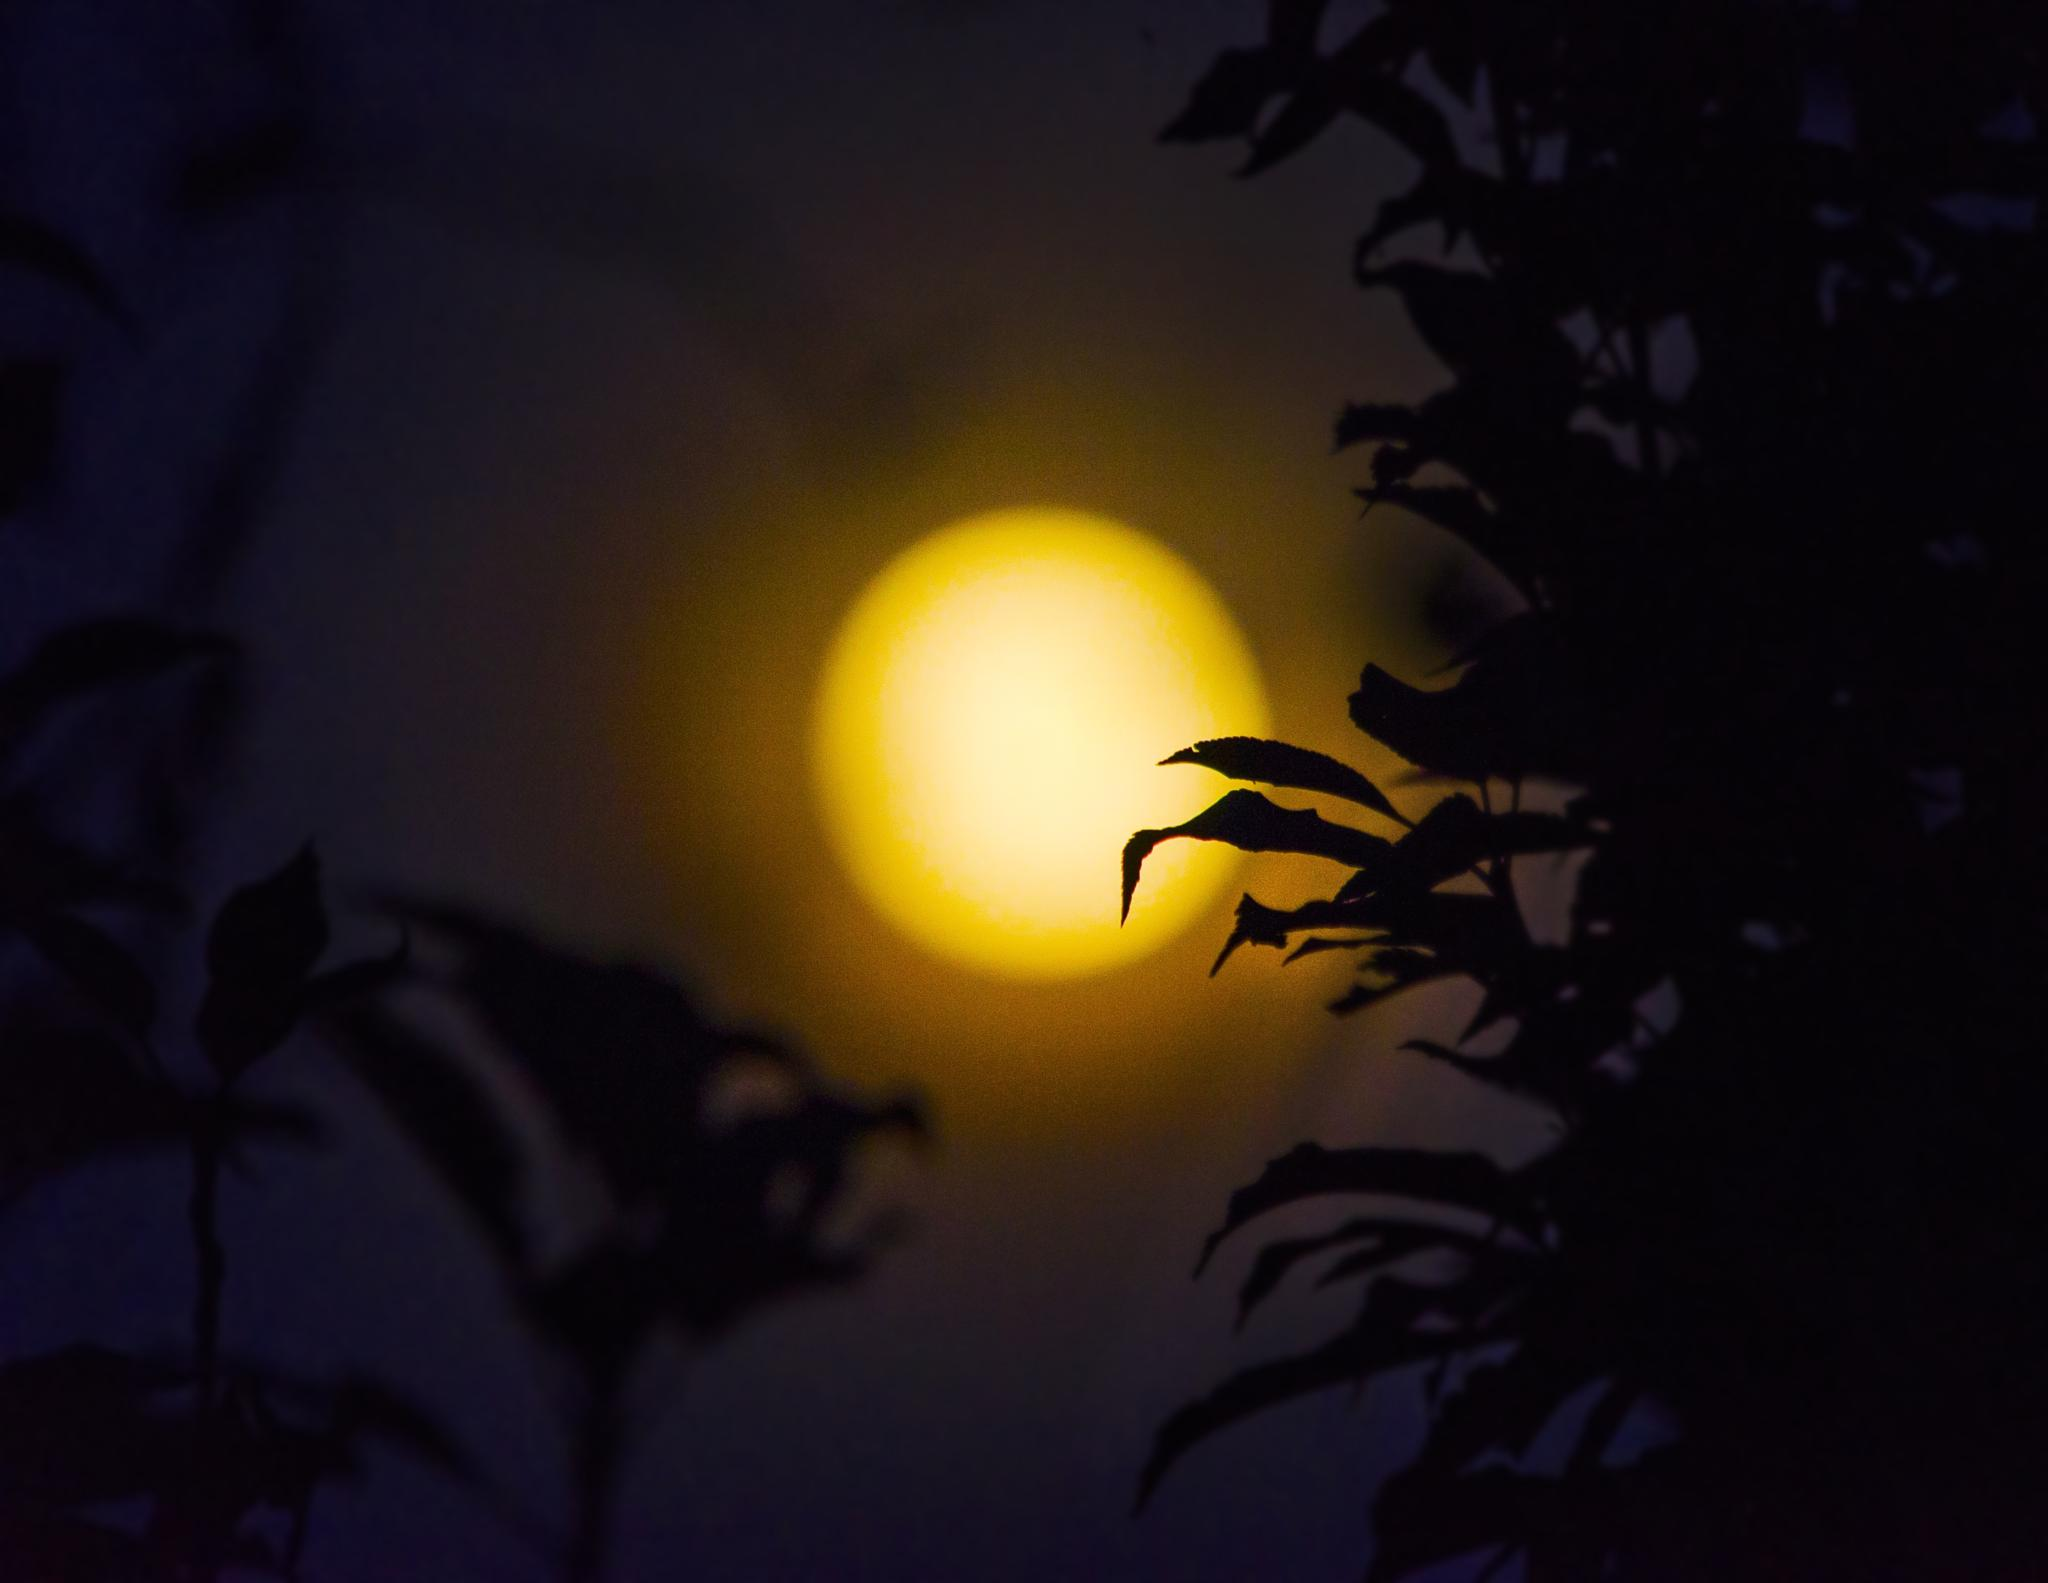 e la luna bussò by Guendalina Quattrocchi